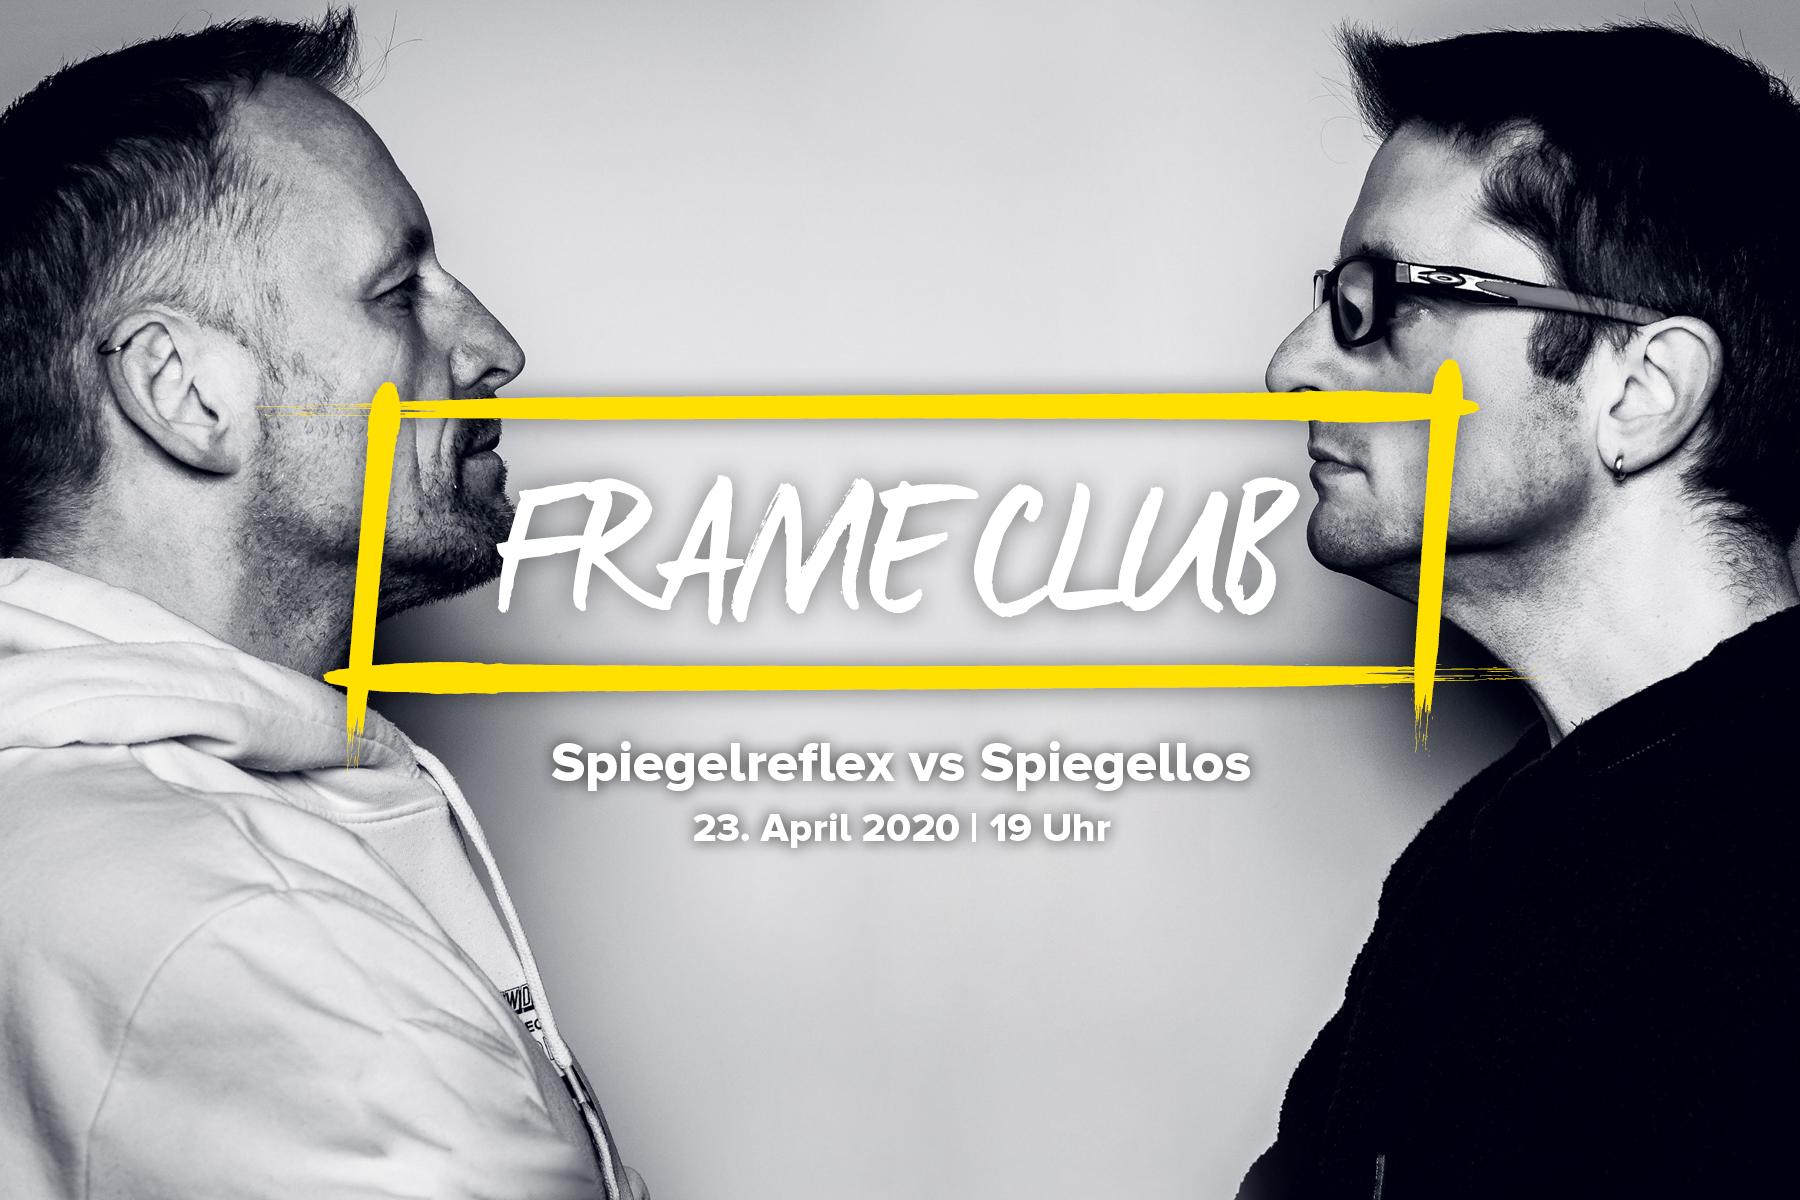 Frame Club Spiegelreflex vs spiegellos